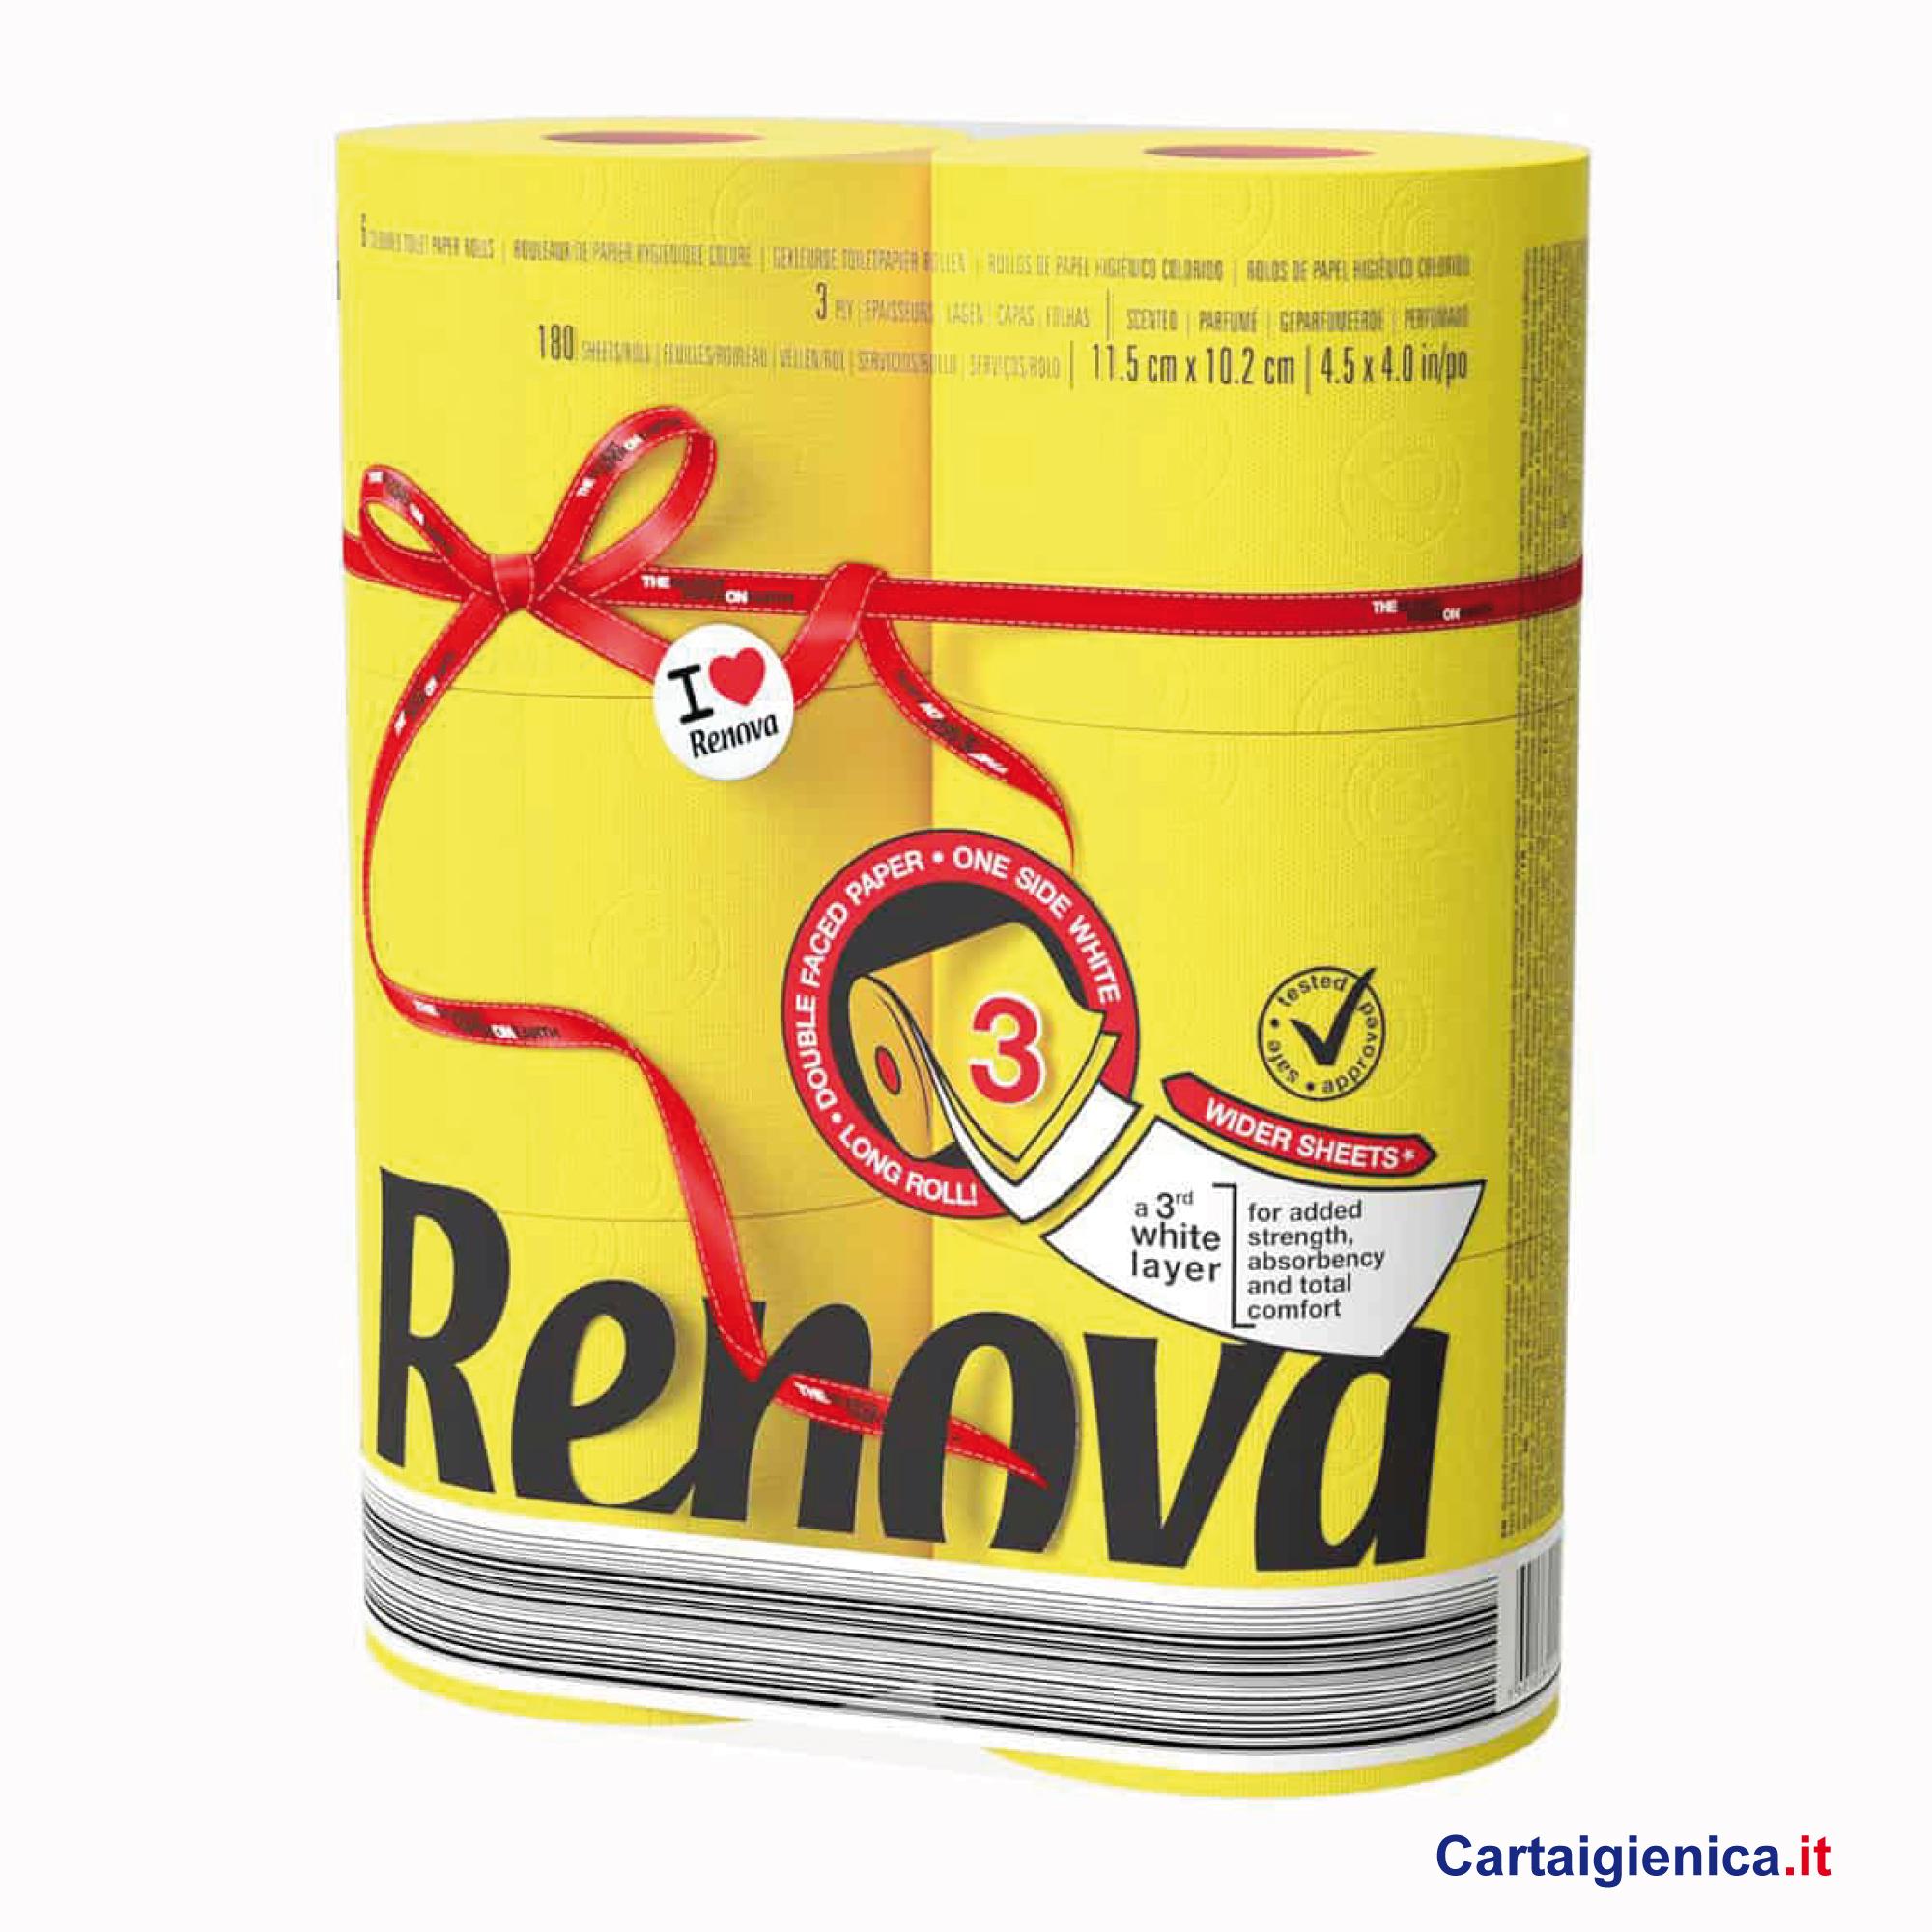 renova carta igienica colorata giallo 6 rotoli cartaigienica.it